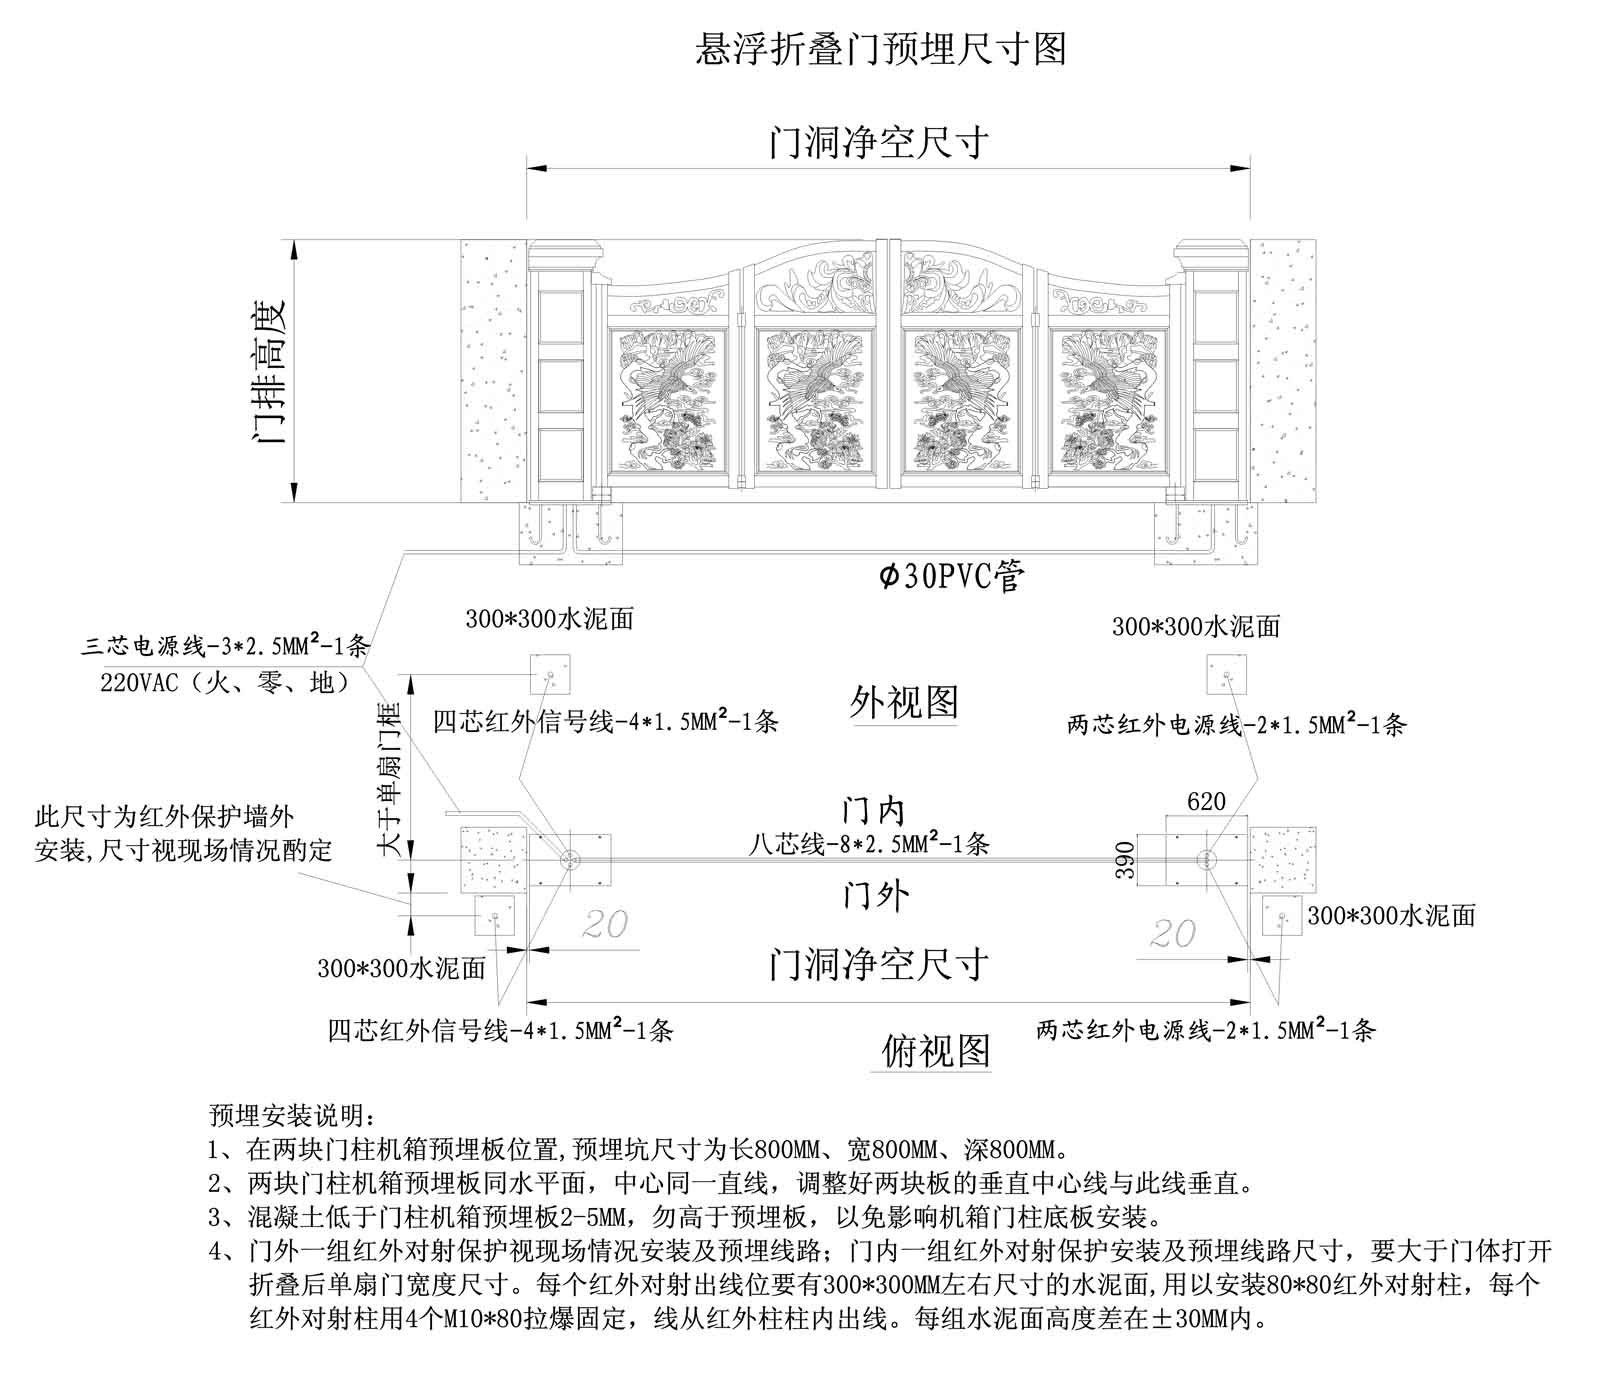 5懸浮折疊門預埋尺寸圖.jpg